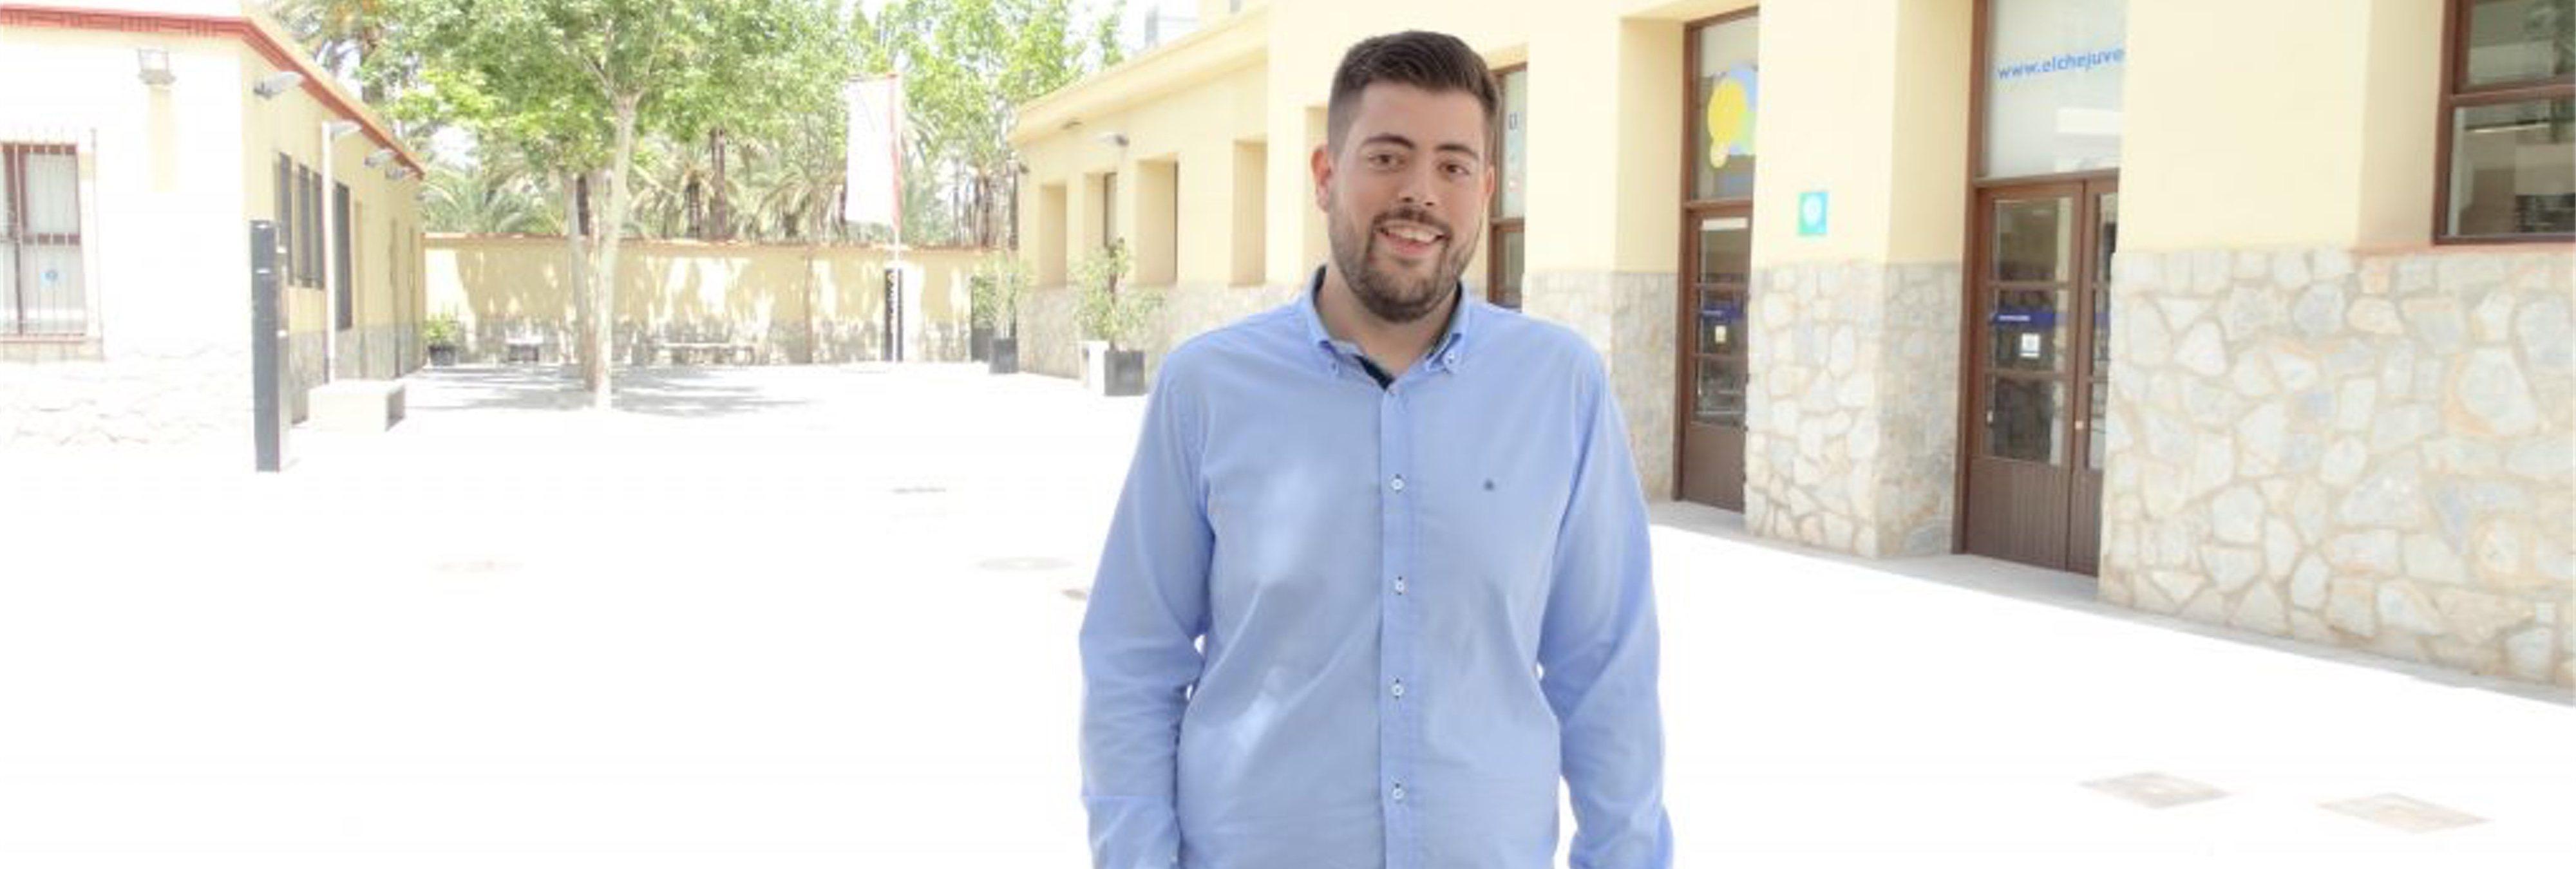 Causas abiertas de Alejandro Díaz, pedófilo que presidió las juventudes del PSOE de Eche